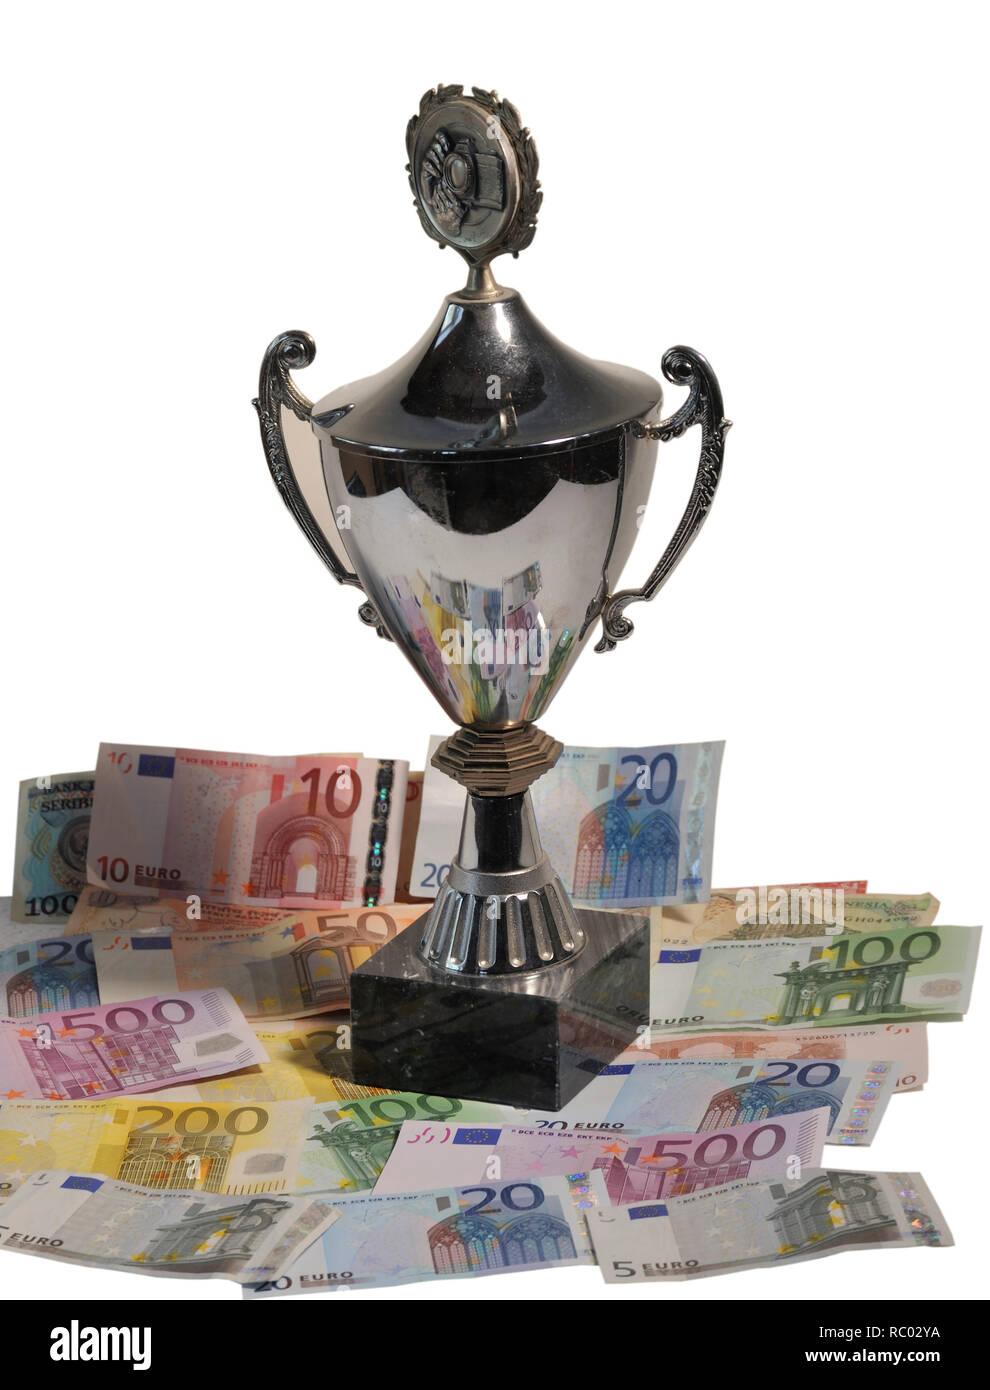 Geldscheine mit einem Pokal | Banknotes with a cup - Stock Image